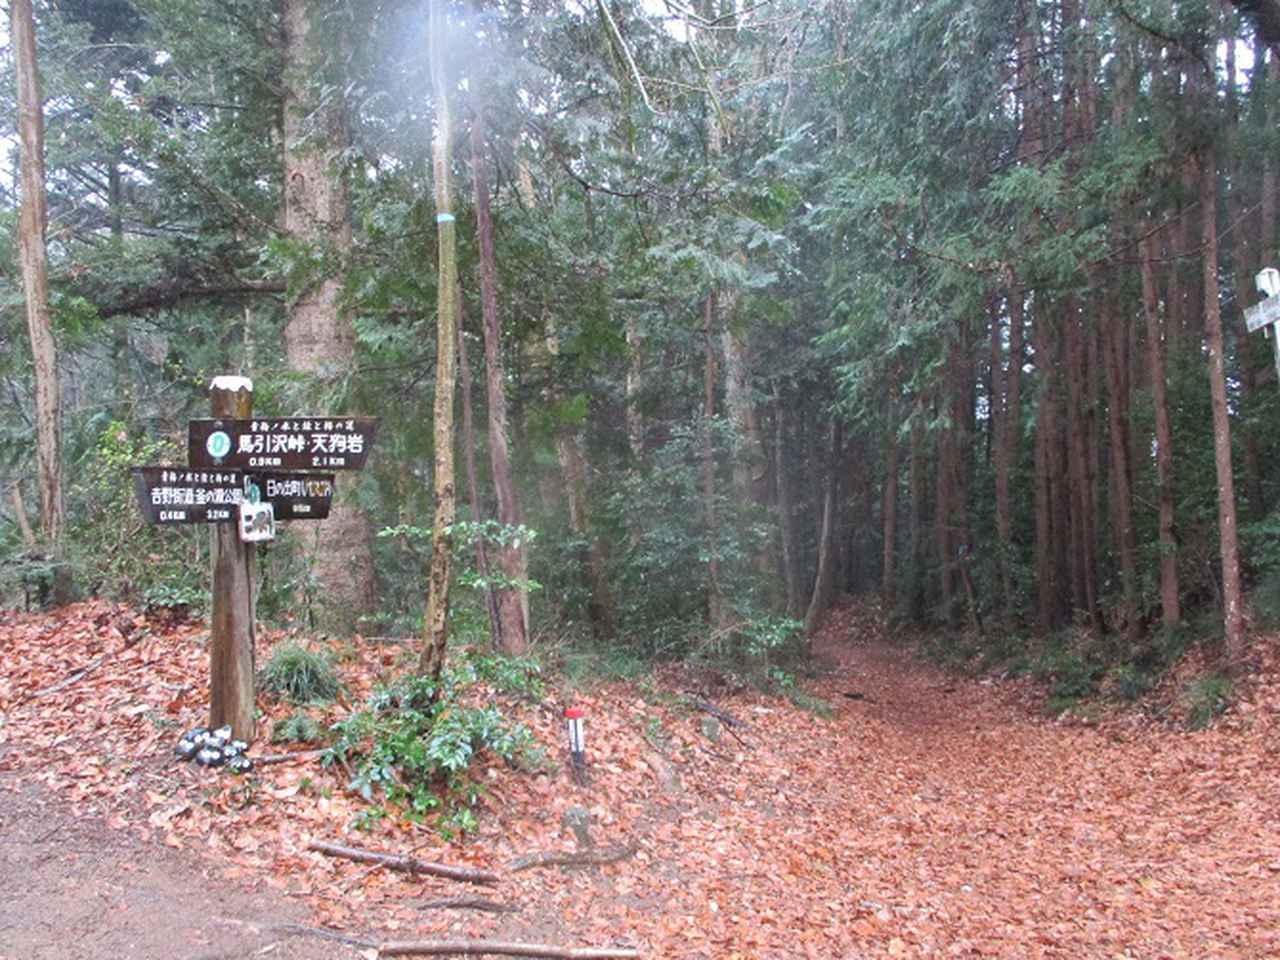 画像4: 4月の山旅会現地集合コース 天狗岩から要害山 の下見に行ってきました!